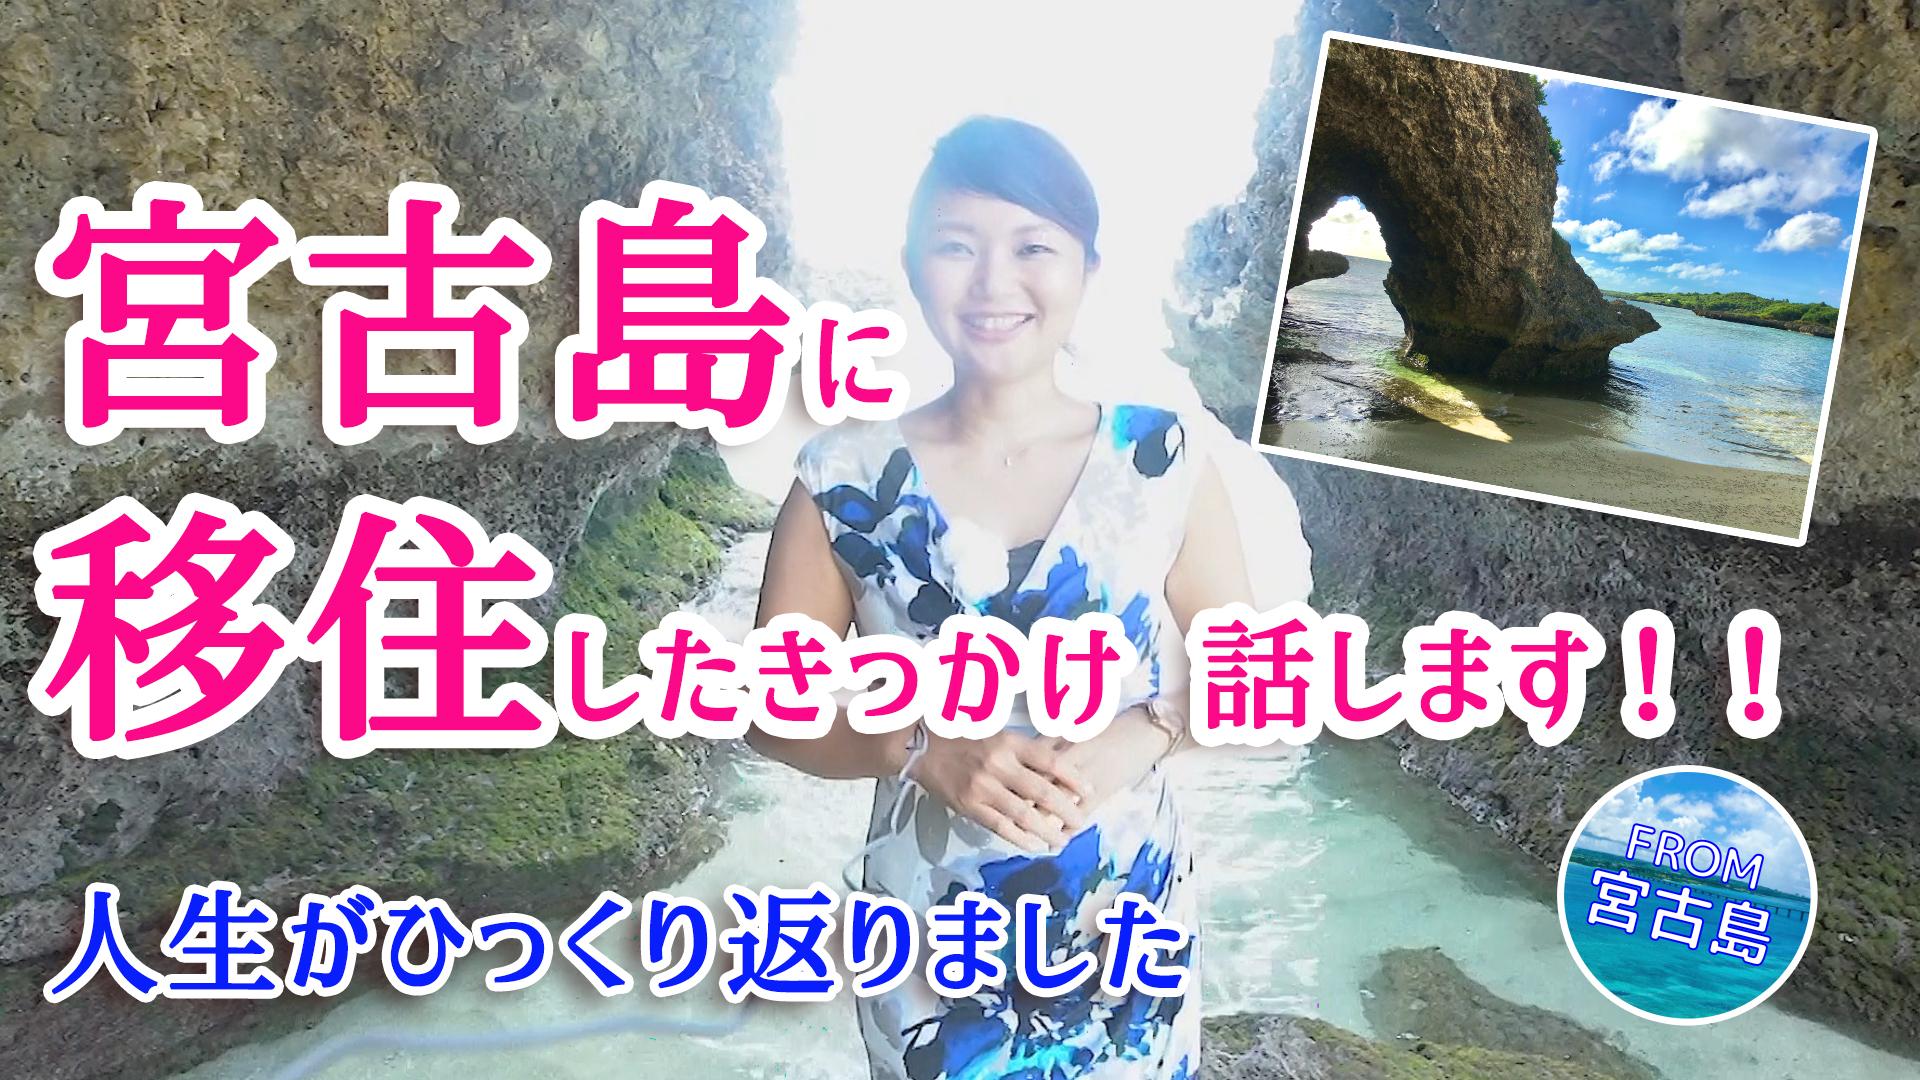 宮古島に移住したきっかけは?!落ちこぼれのOLでした。【動画】